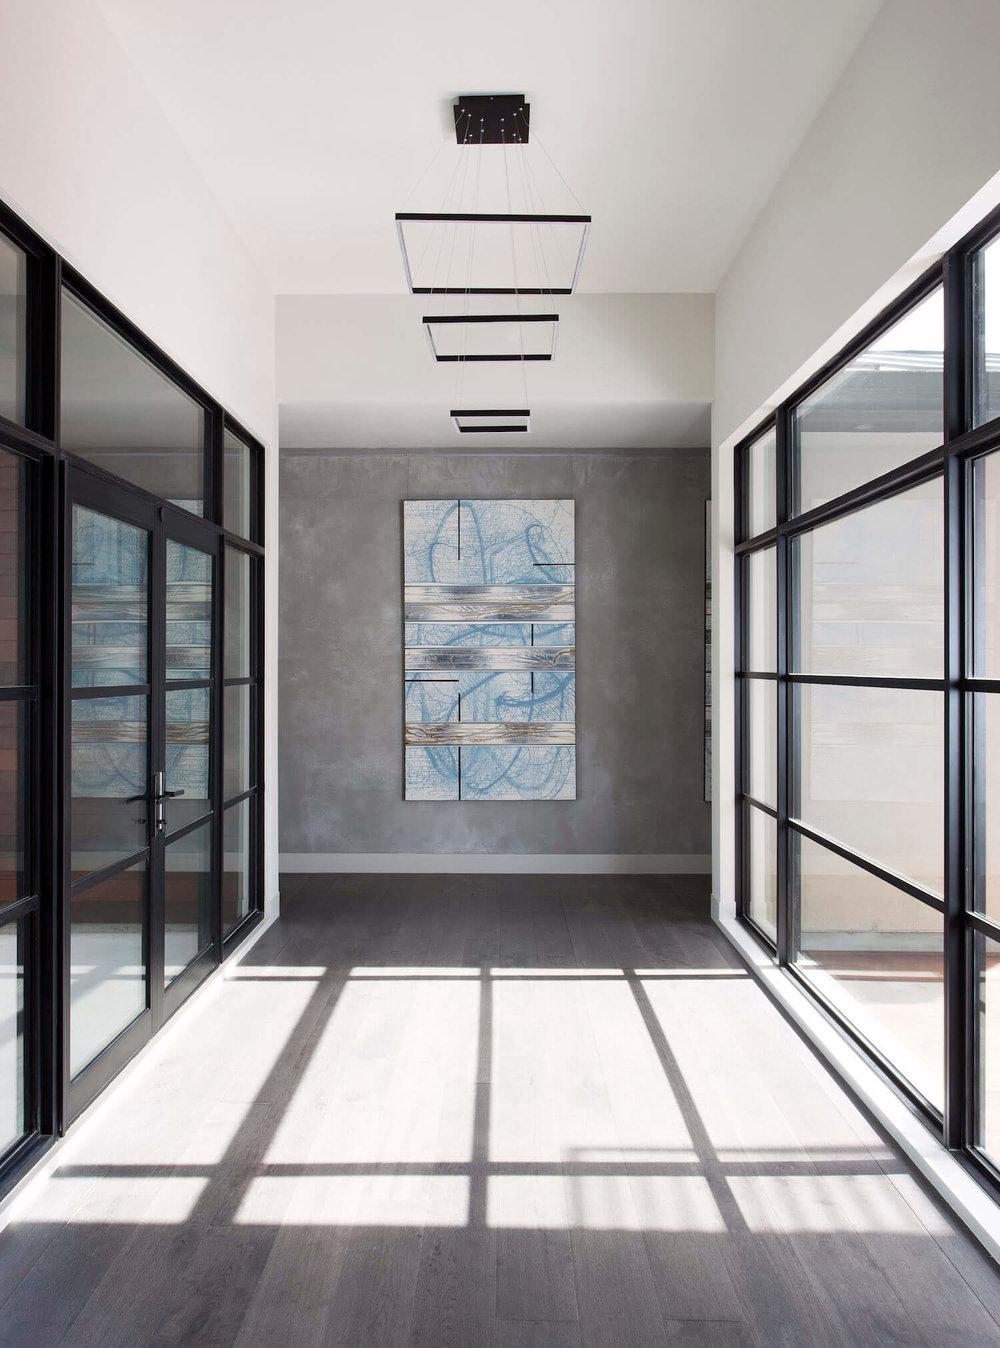 Horseshoe Bay Entry | Robin Colton Interior Design Studio Austin Texas | www.robincolton.com